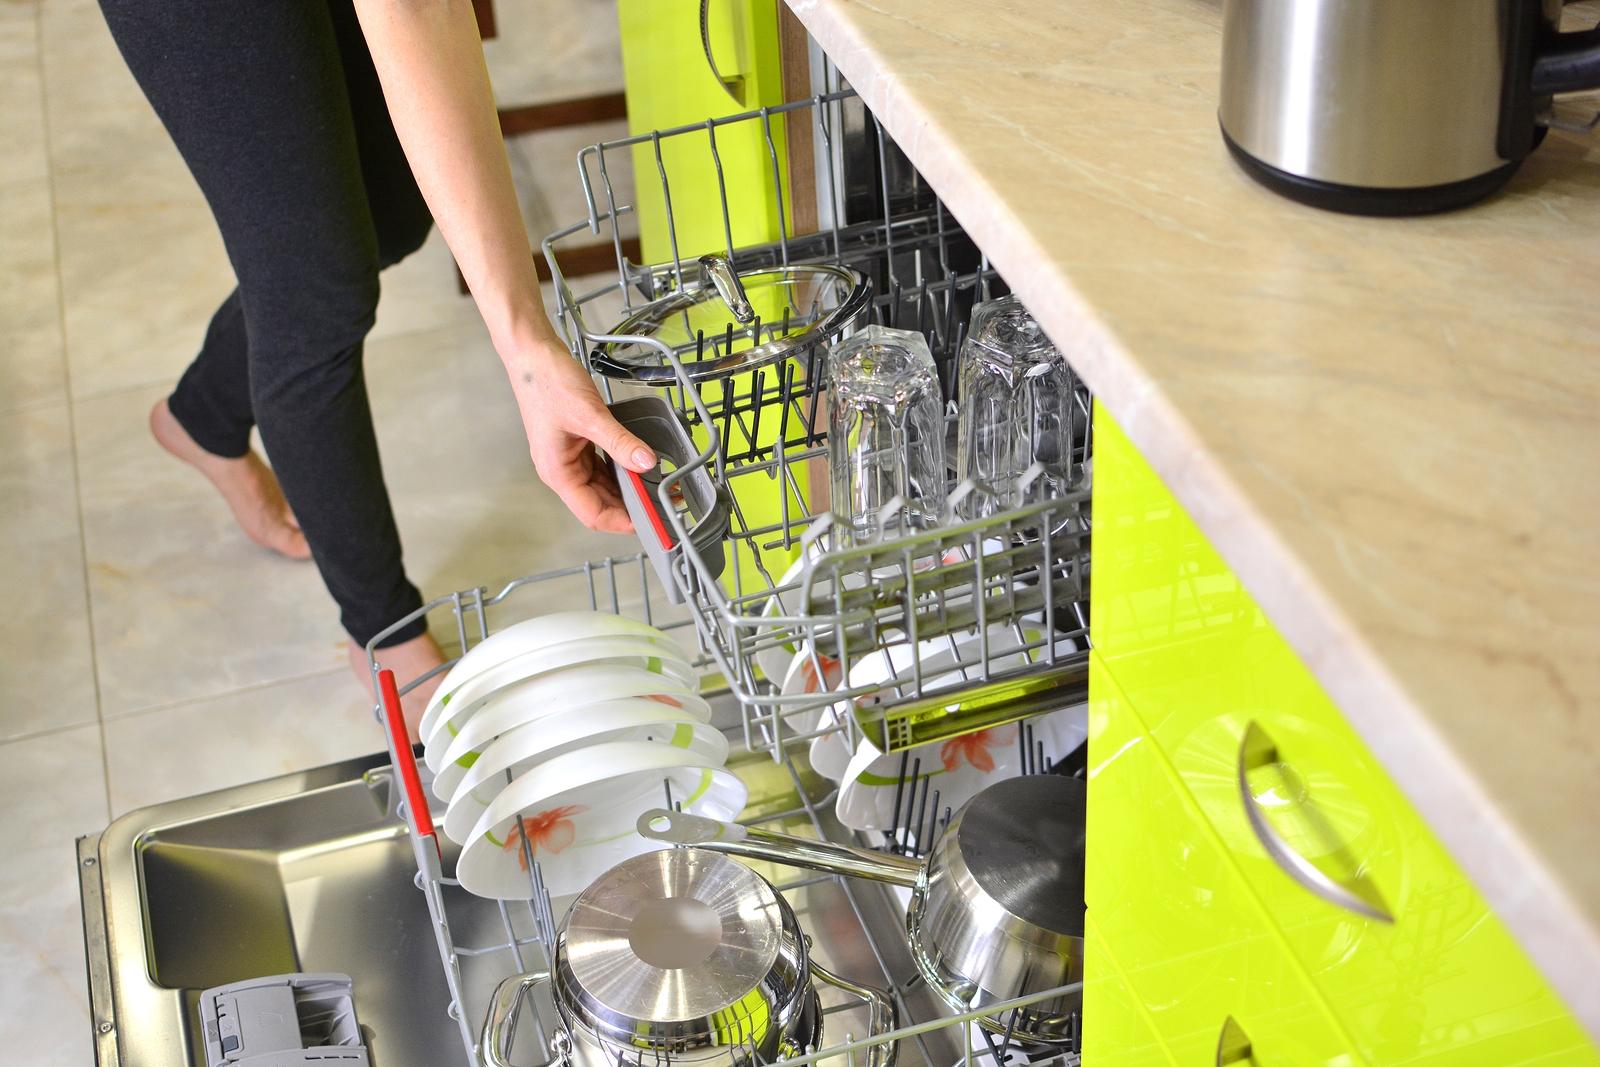 bigstock-Dishwasher-Machine-In-A-Home-K-284265133